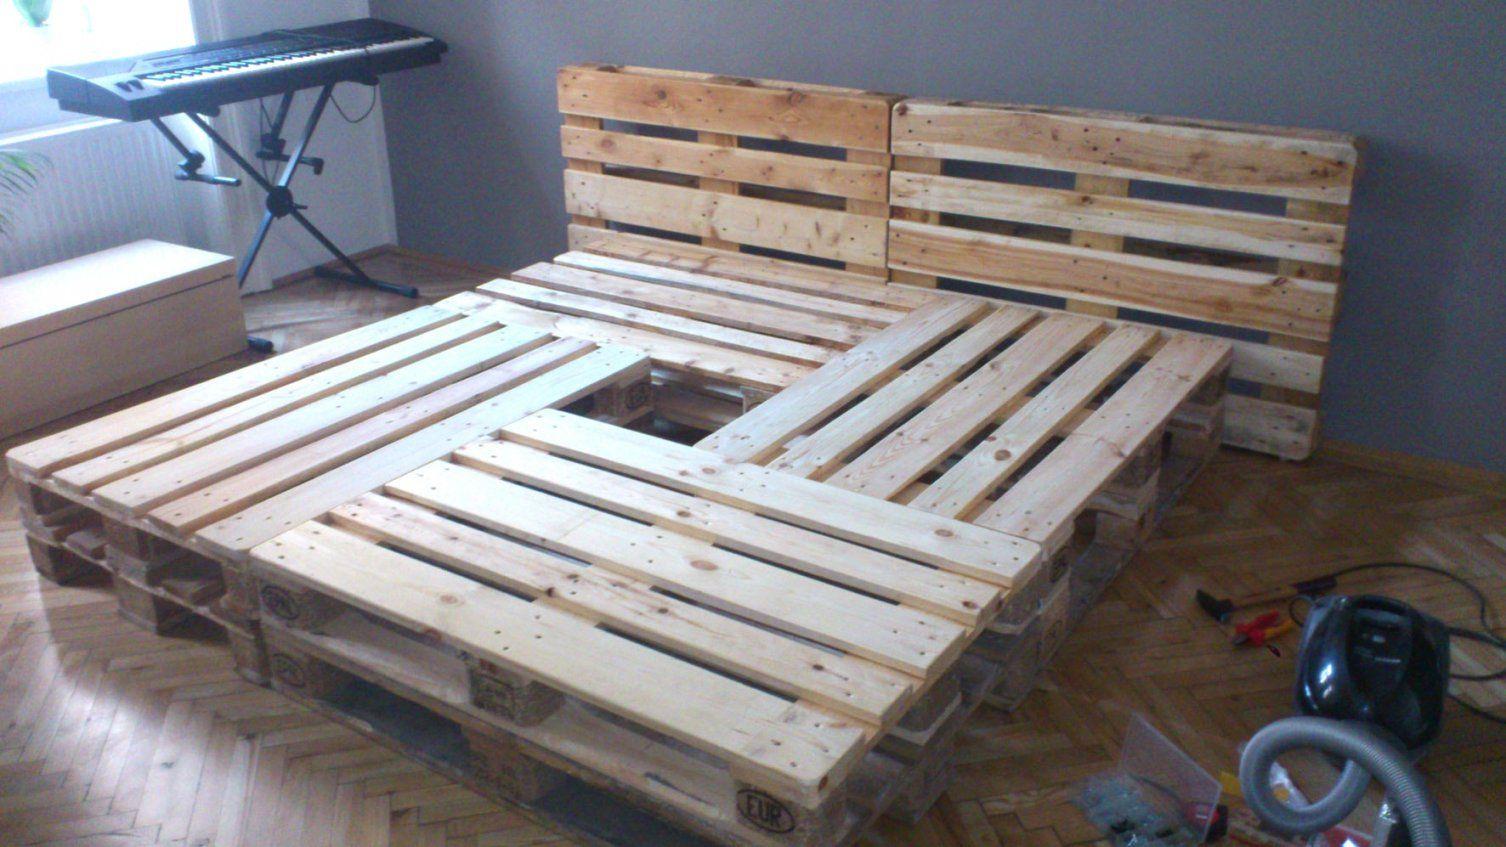 doppelbett selber bauen aus europaletten youtube von europaletten bett mit lattenrost bild. Black Bedroom Furniture Sets. Home Design Ideas